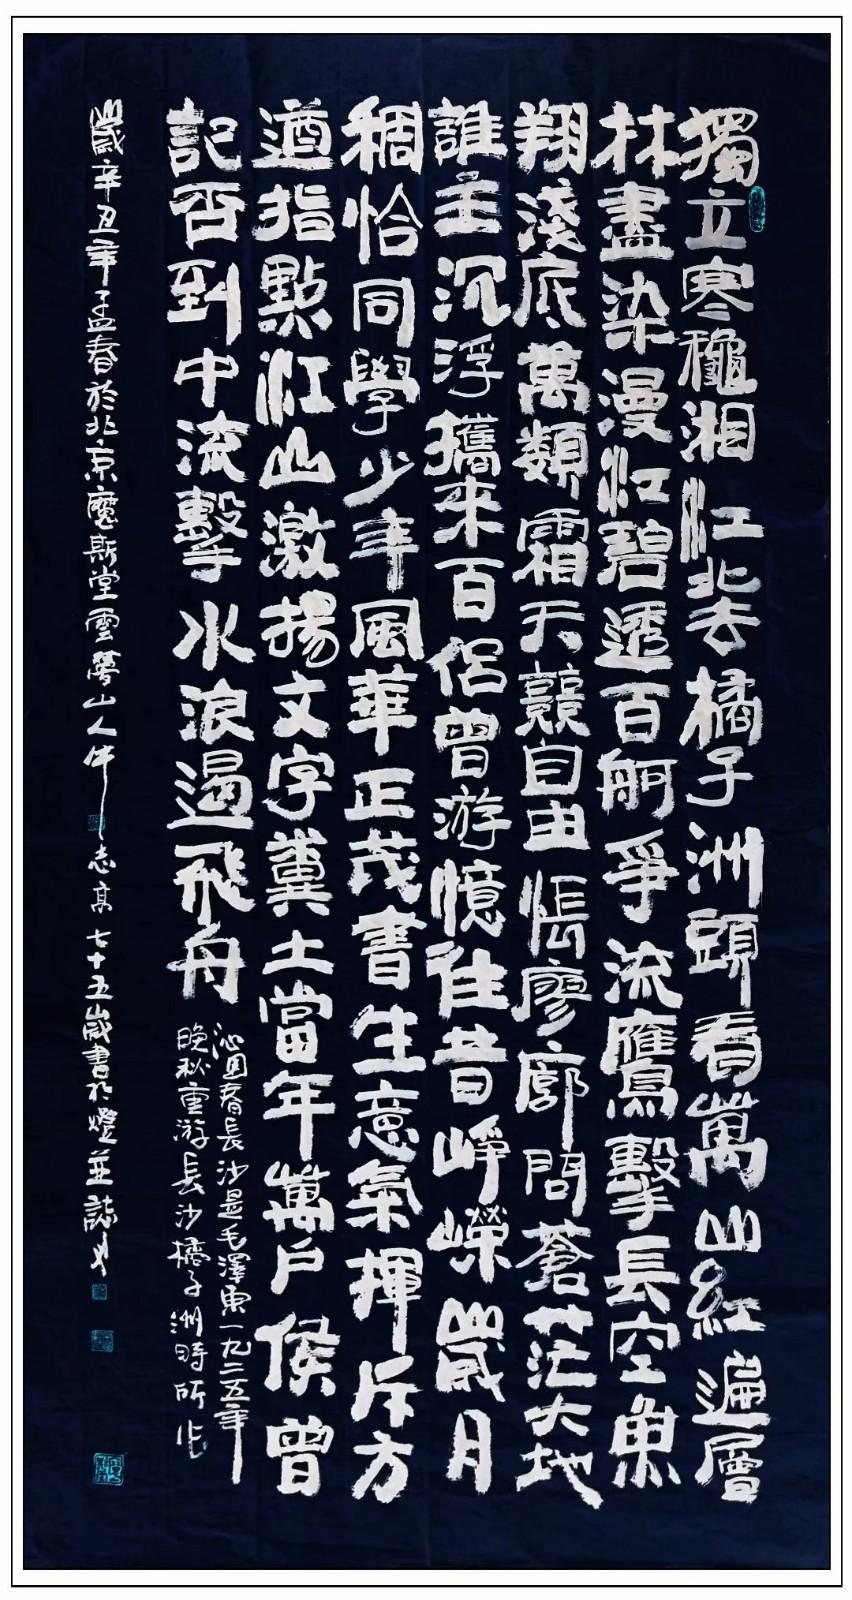 牛志高辛丑年书法新作---2021.02.20_图1-12